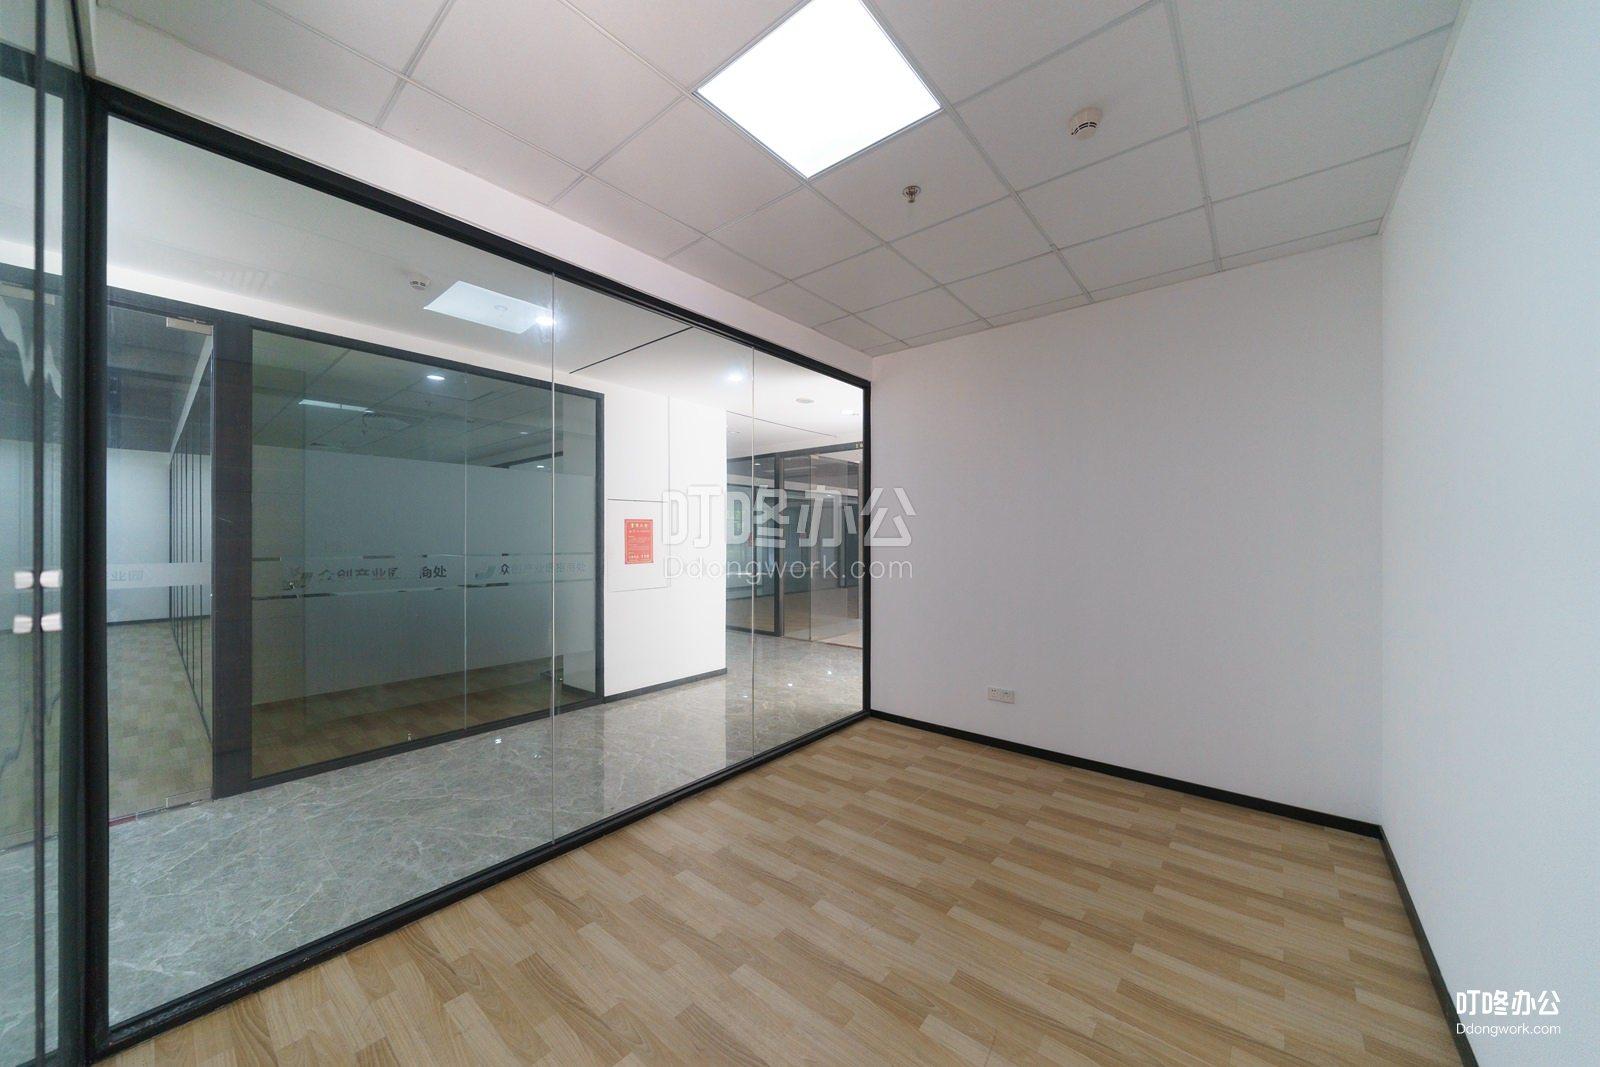 众创产业园走廊